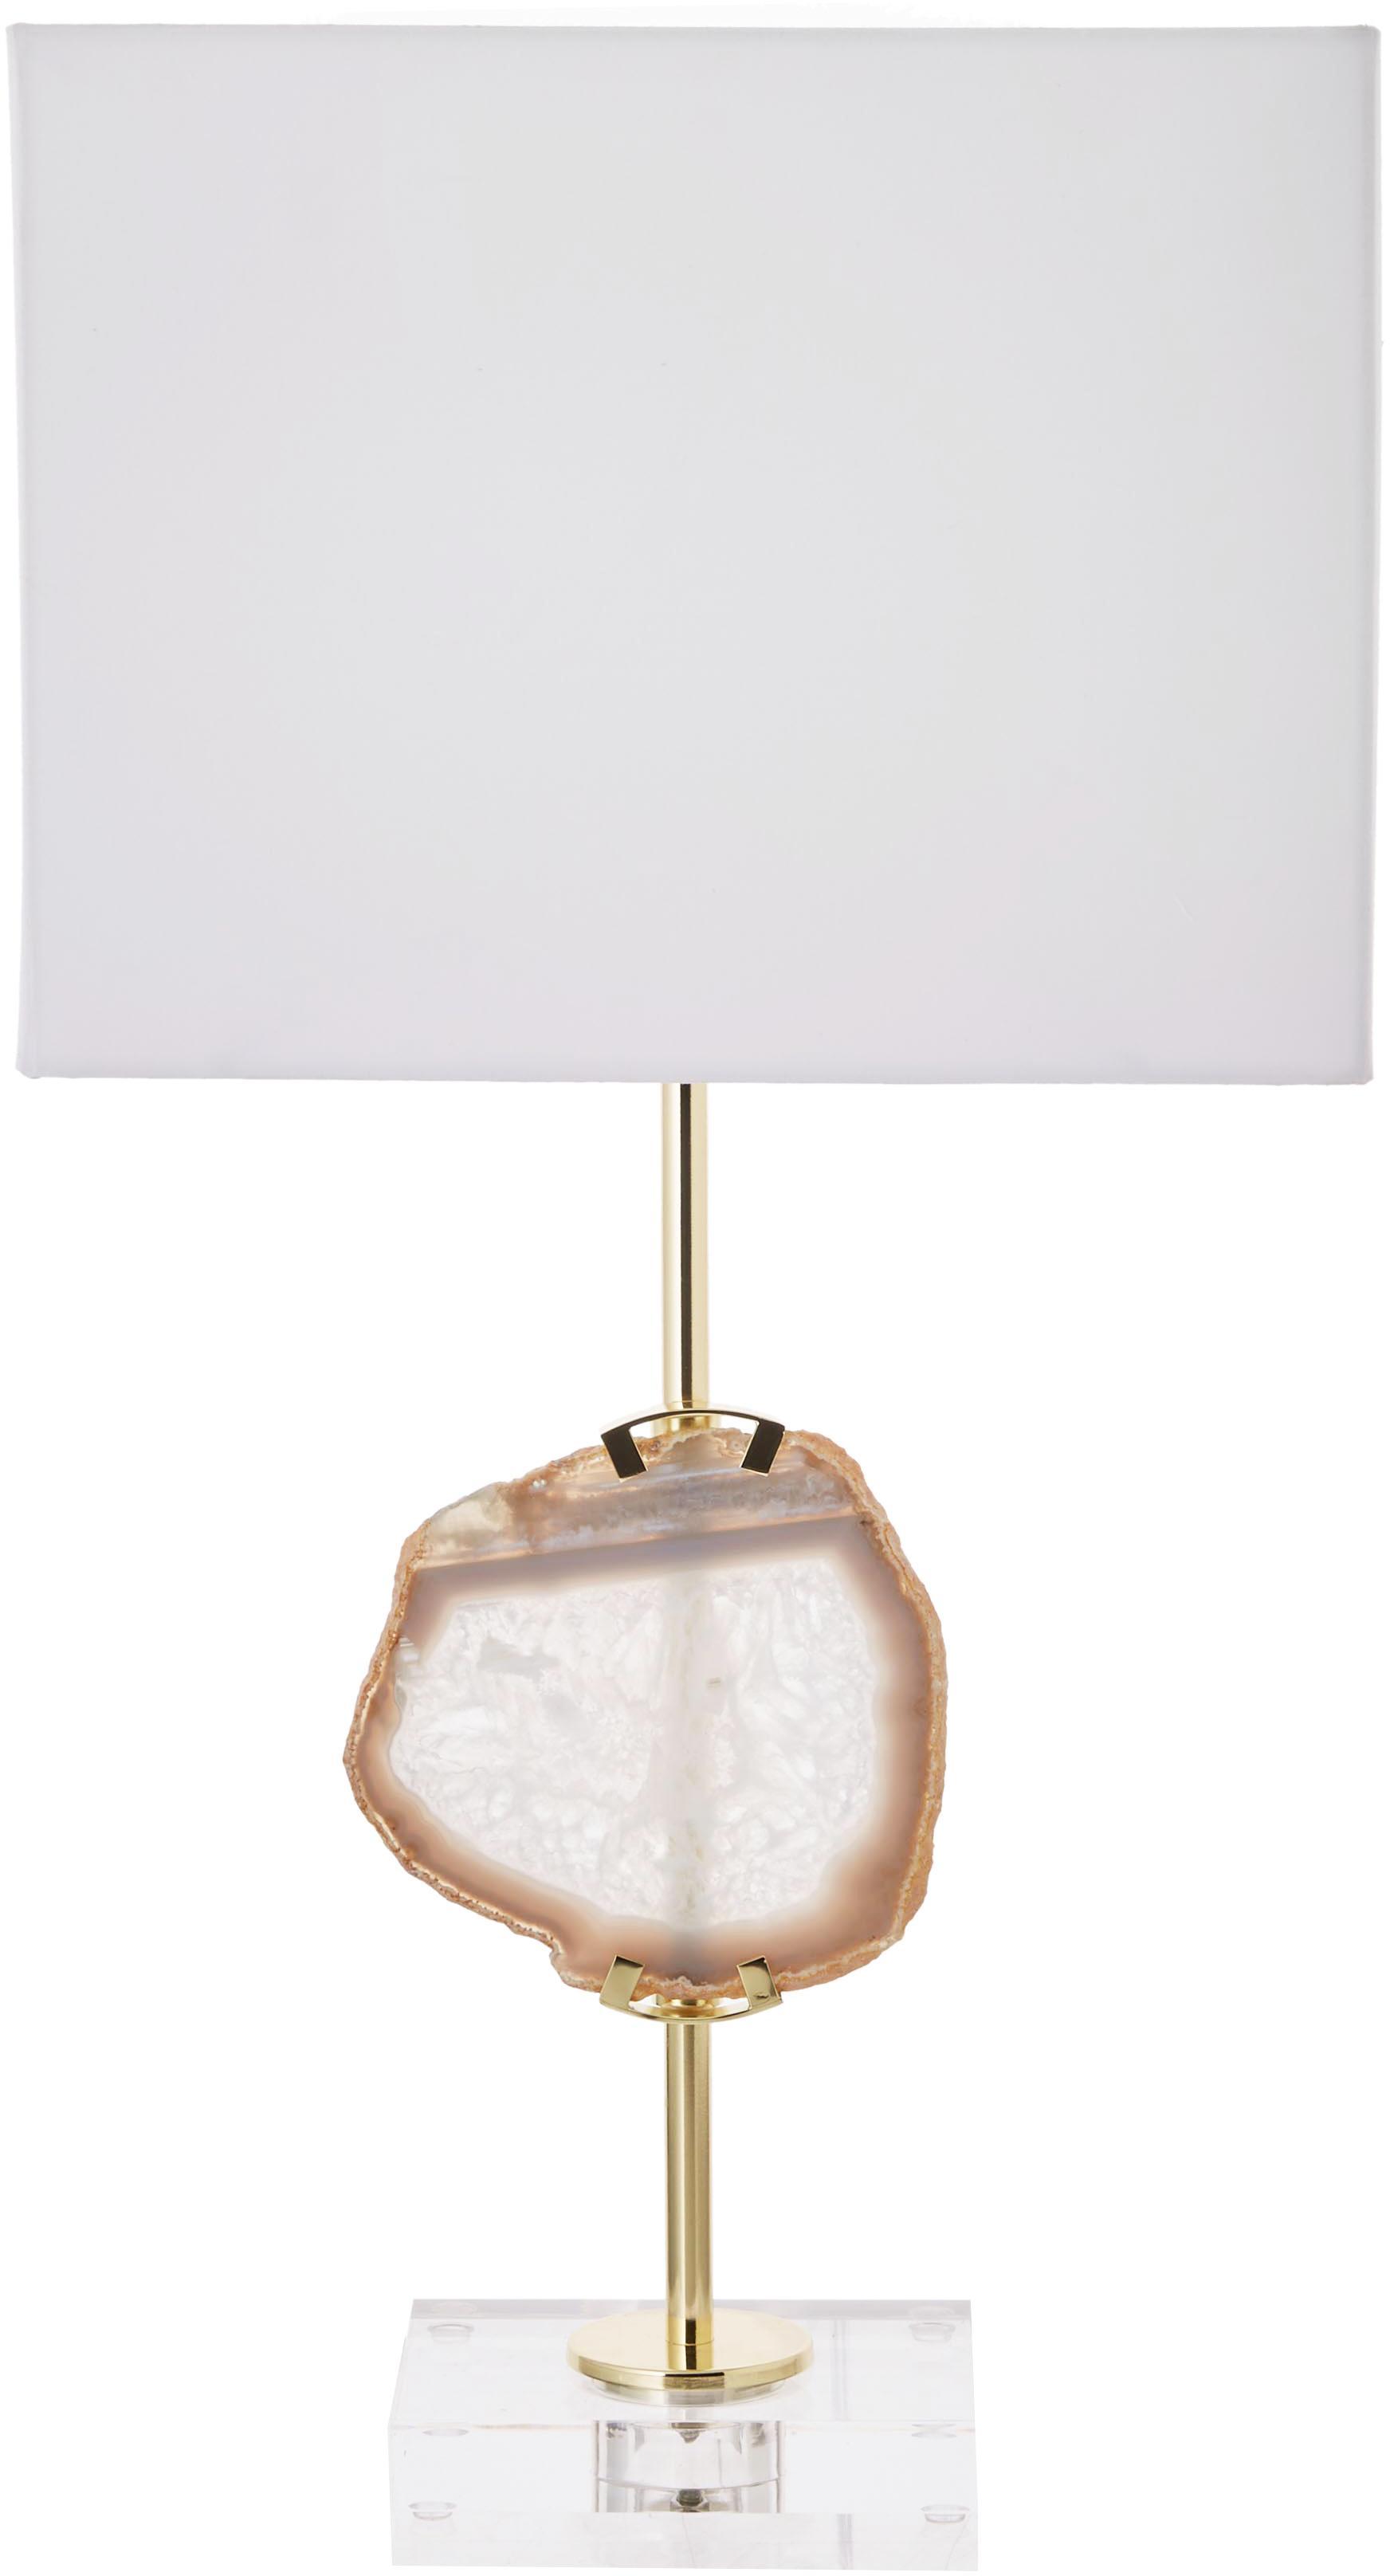 Grosse Glam-Tischlampe Treasure mit Achat-Dekor, Lampenschirm: Baumwollgemisch, Dekor: Achatstein, Transparent, Goldfarben, Beiger AchatLampenschirm: Weiss, 33 x 62 cm